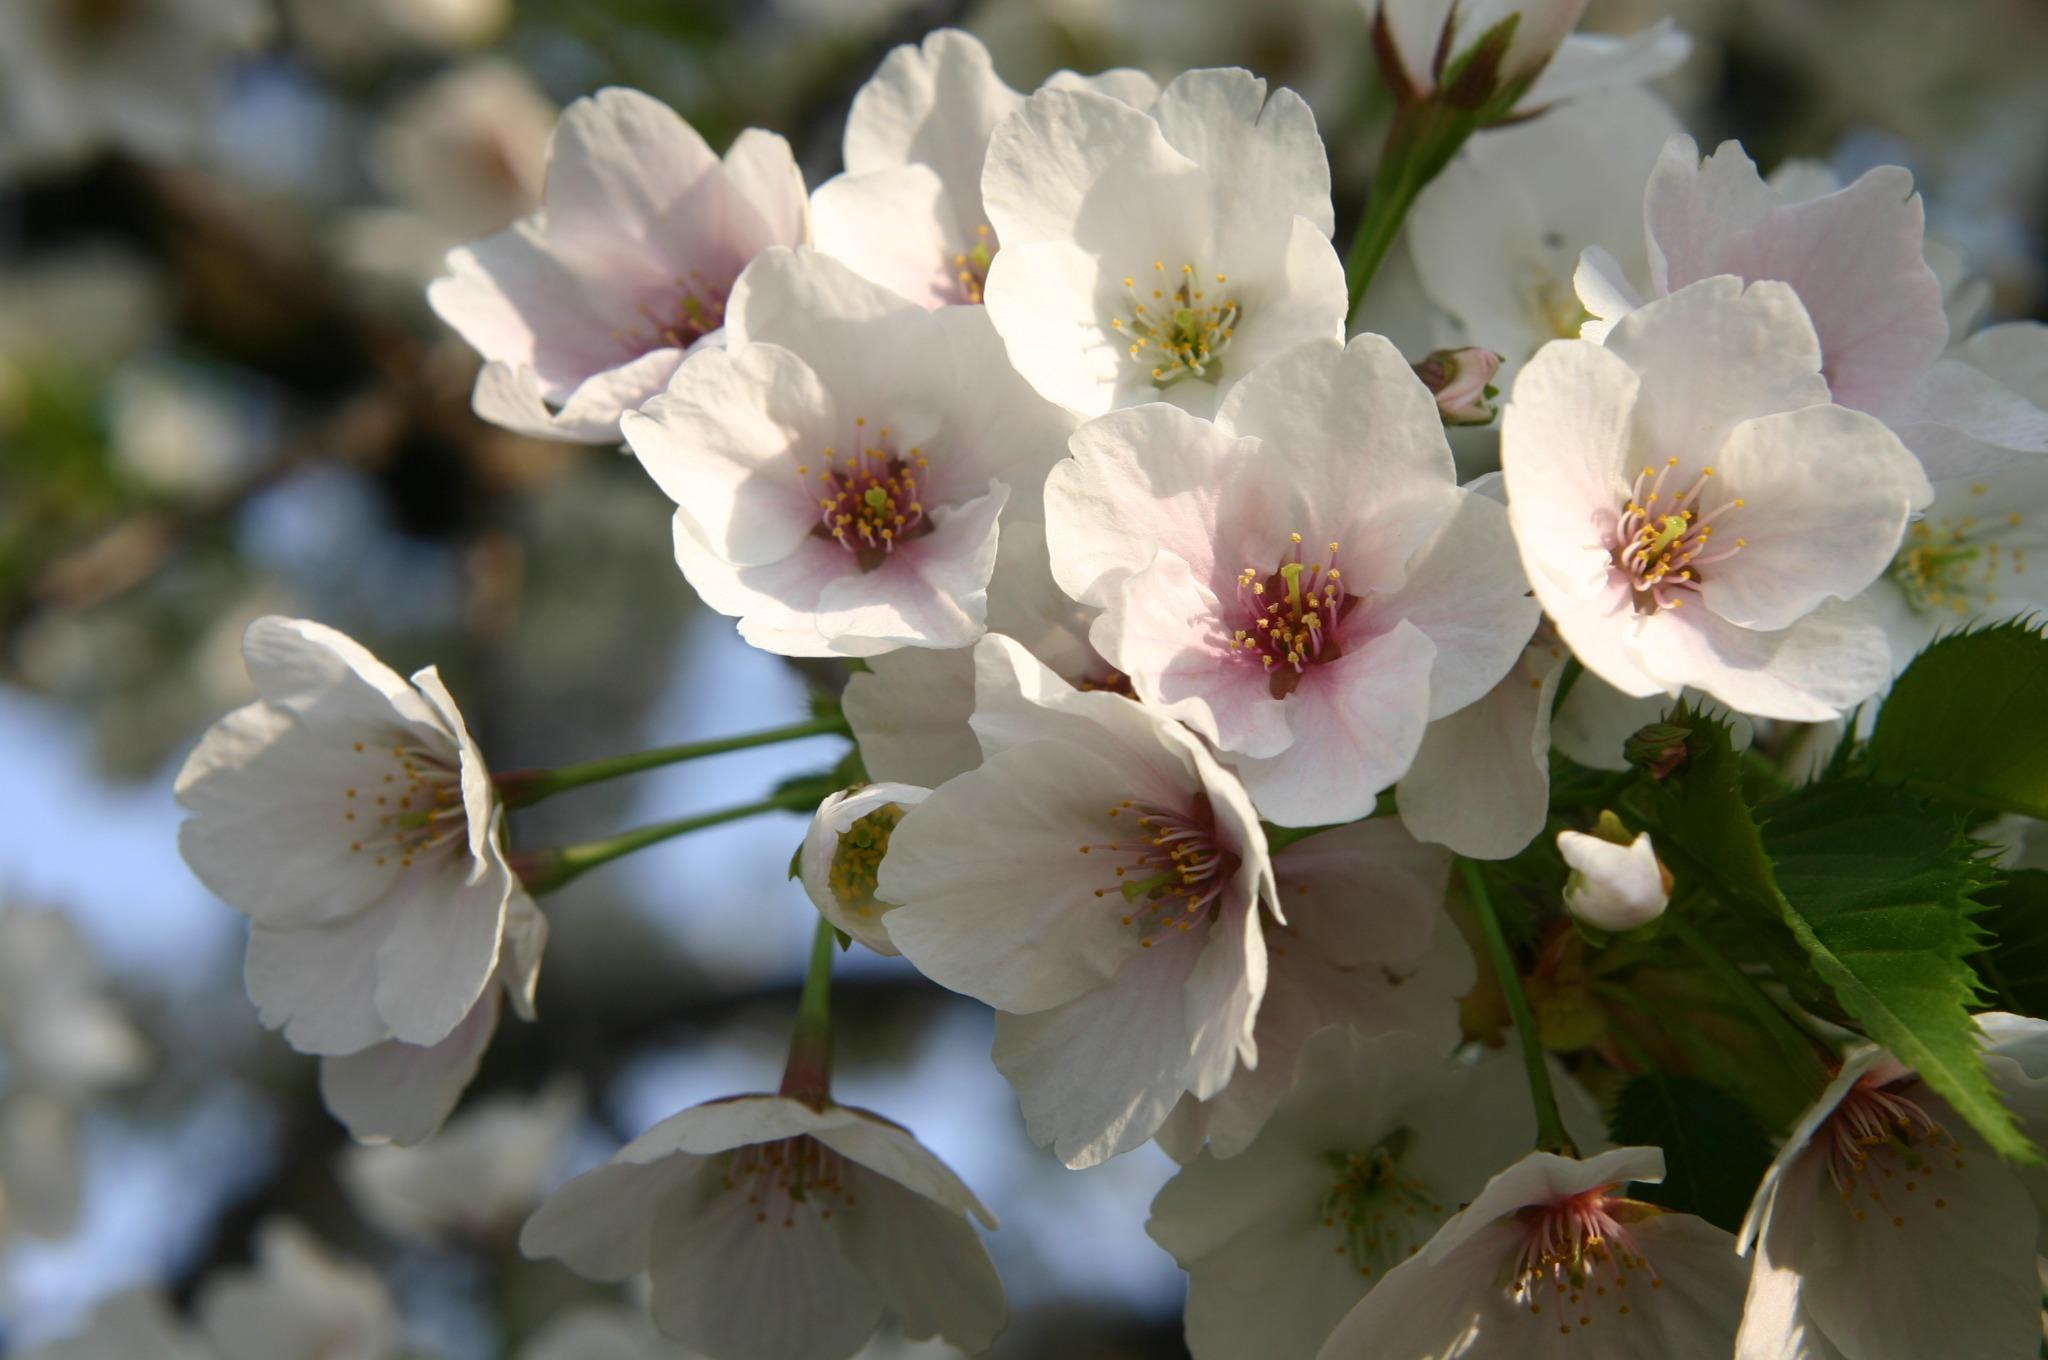 桜の花をアップで撮影